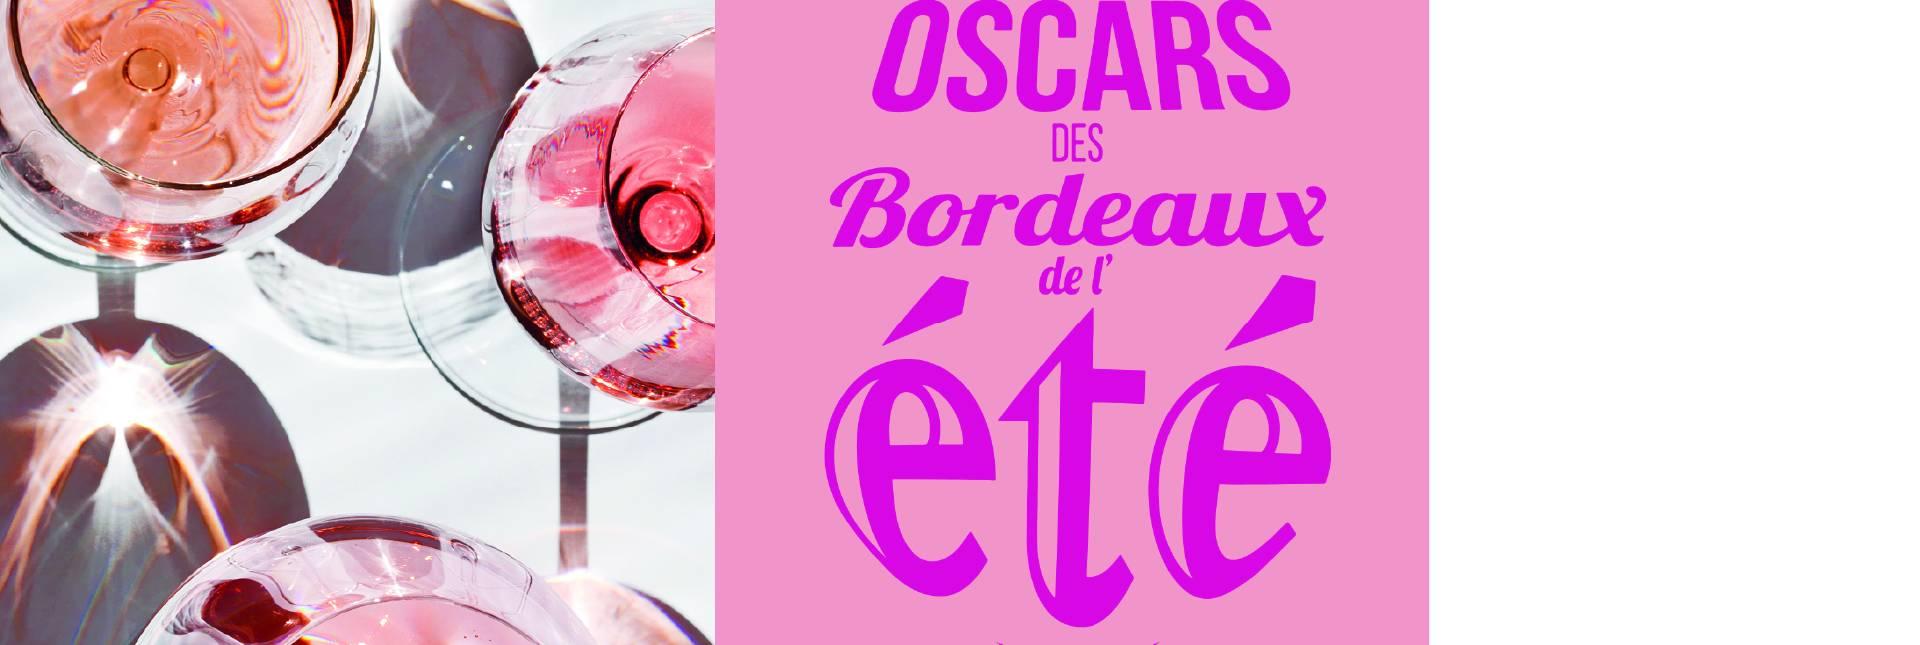 Les Oscars de Bordeaux de l'été 2021 !